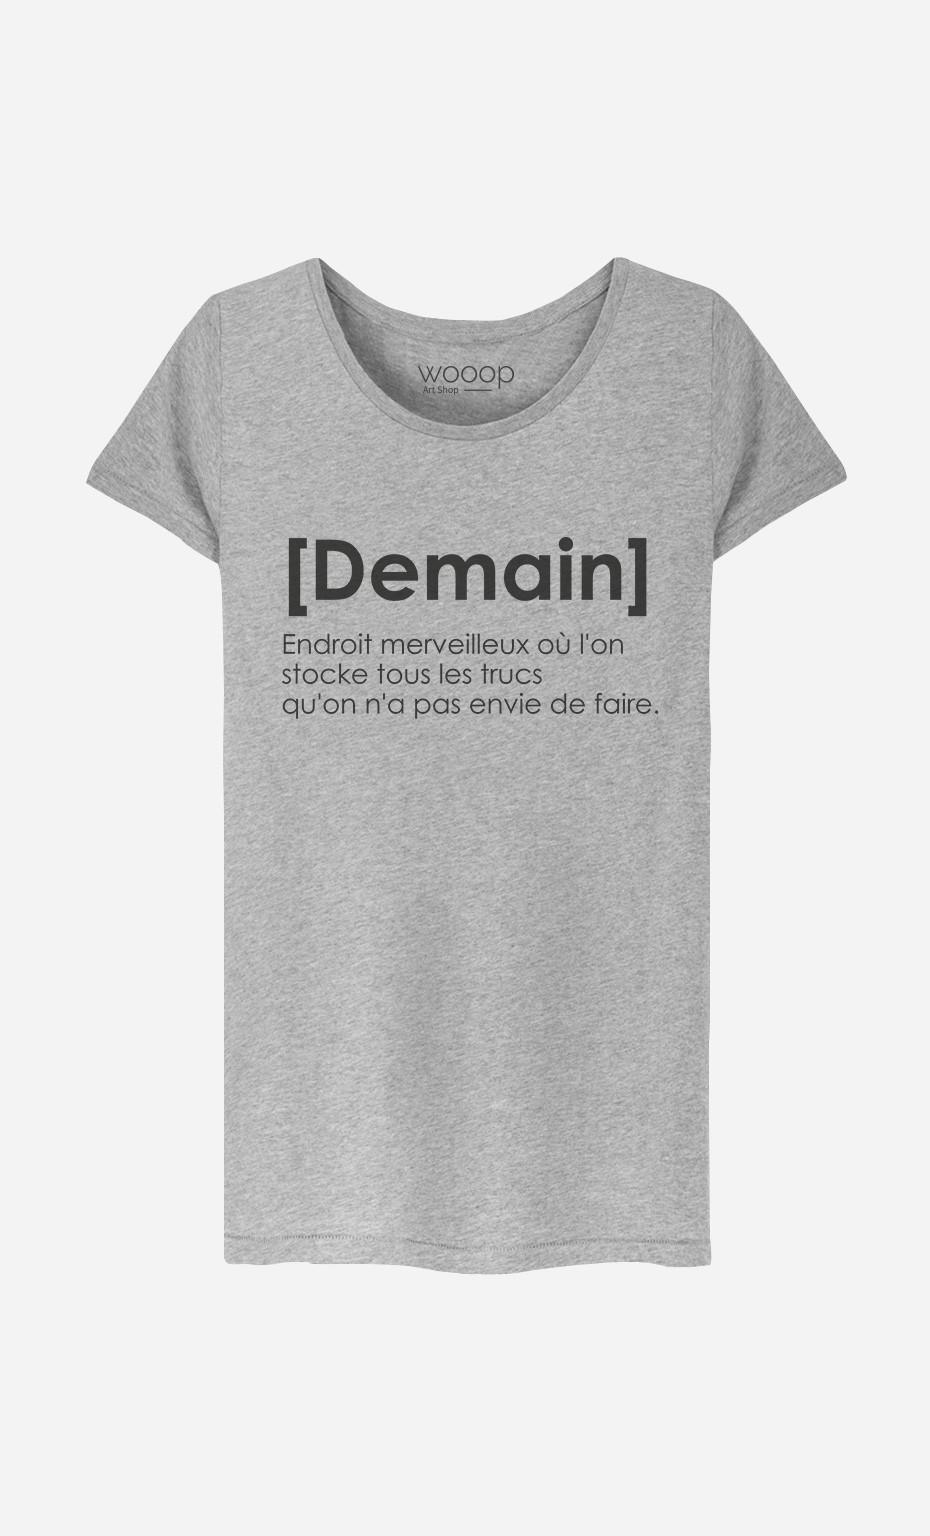 T-Shirt Demain Définition